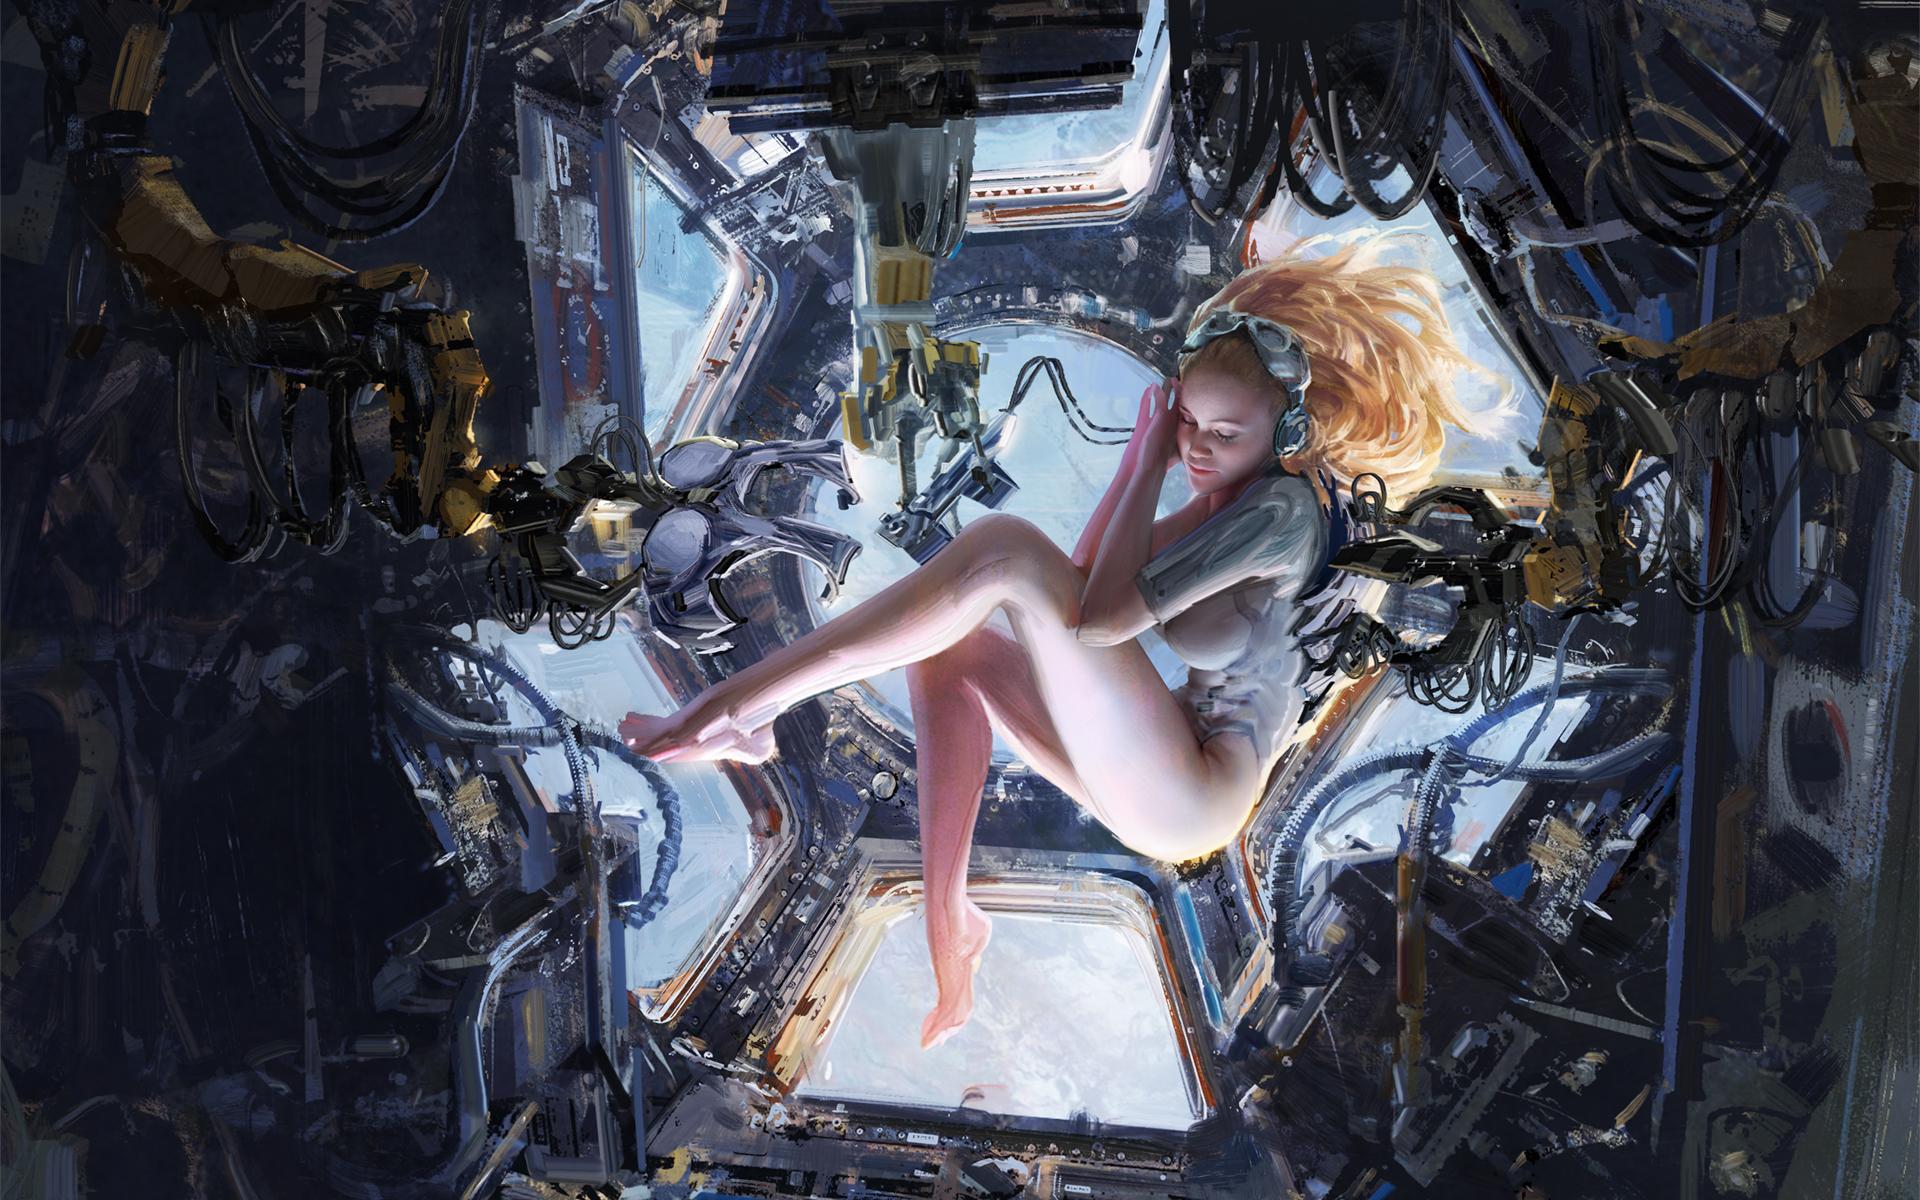 Обнаженная женщина в космосе космическая эротика